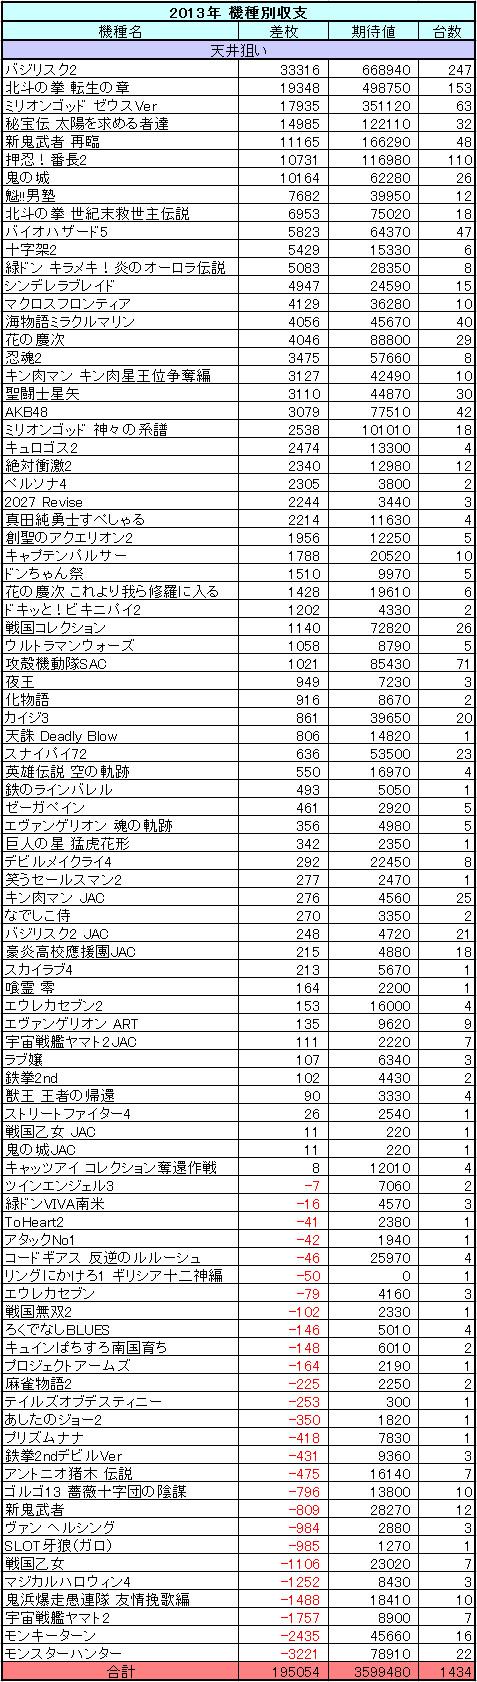 パチスロ 2013年の機種別収支